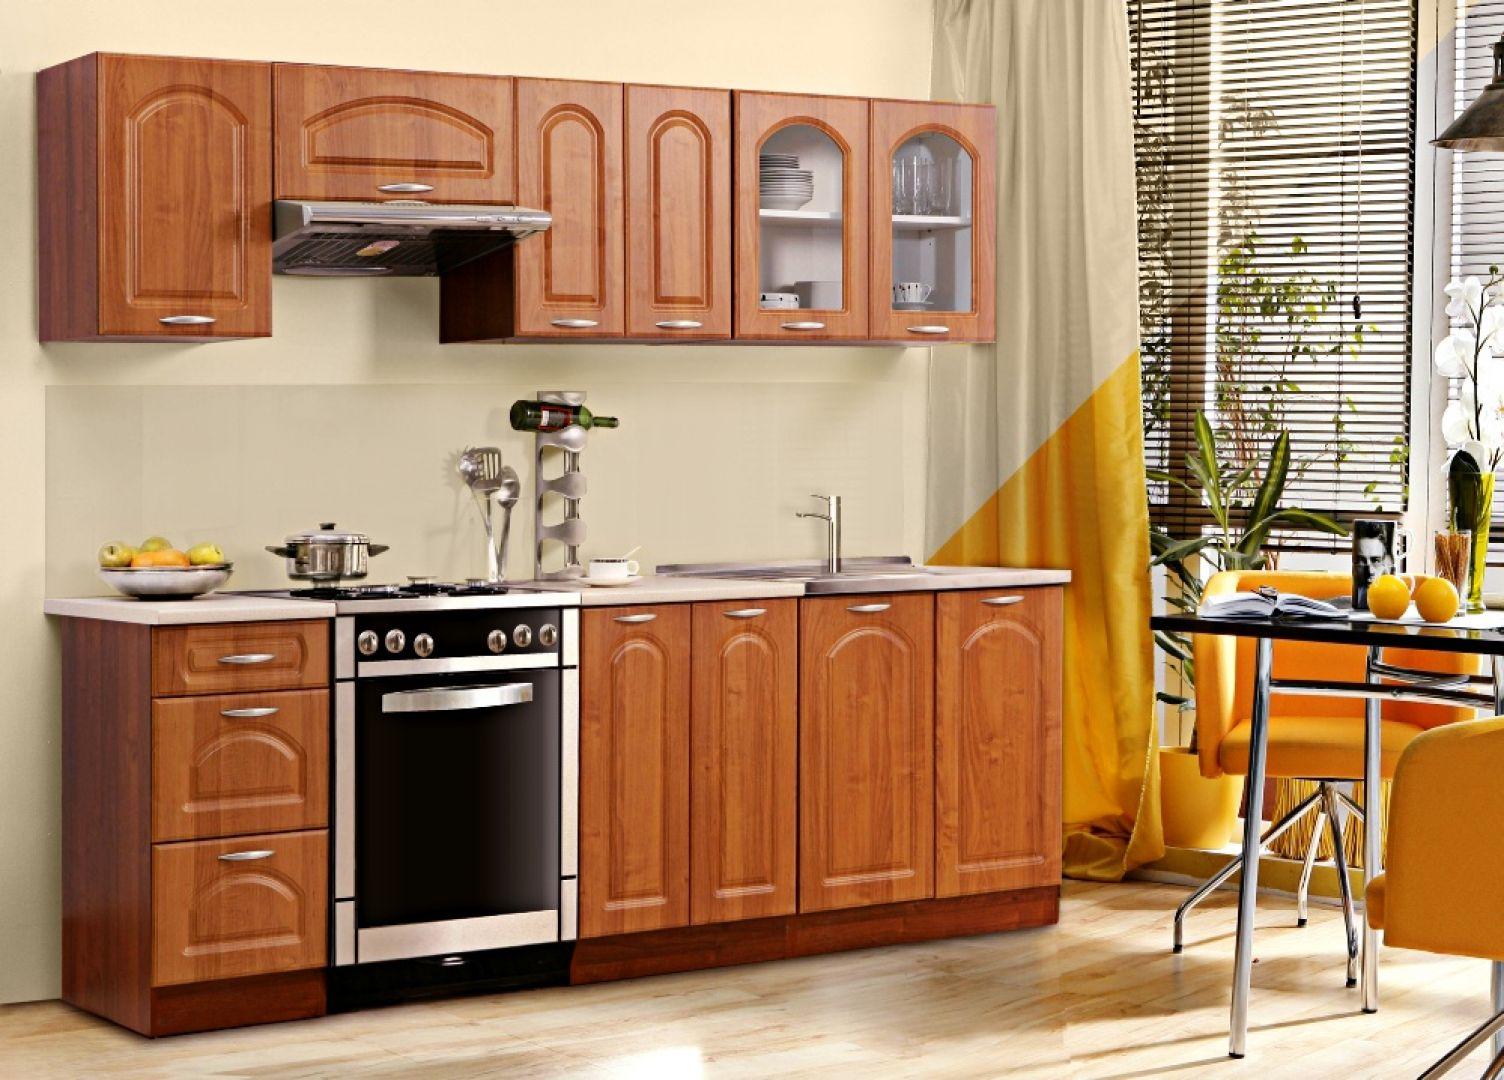 Kuchnia Nadia nawiązuje do klasycznej stylistyki i dostępna jest w ciepłych kolorach, które dodadzą wnętrzu przytulności. Cena: 1.095 zł. Fot. Leroy Merlin